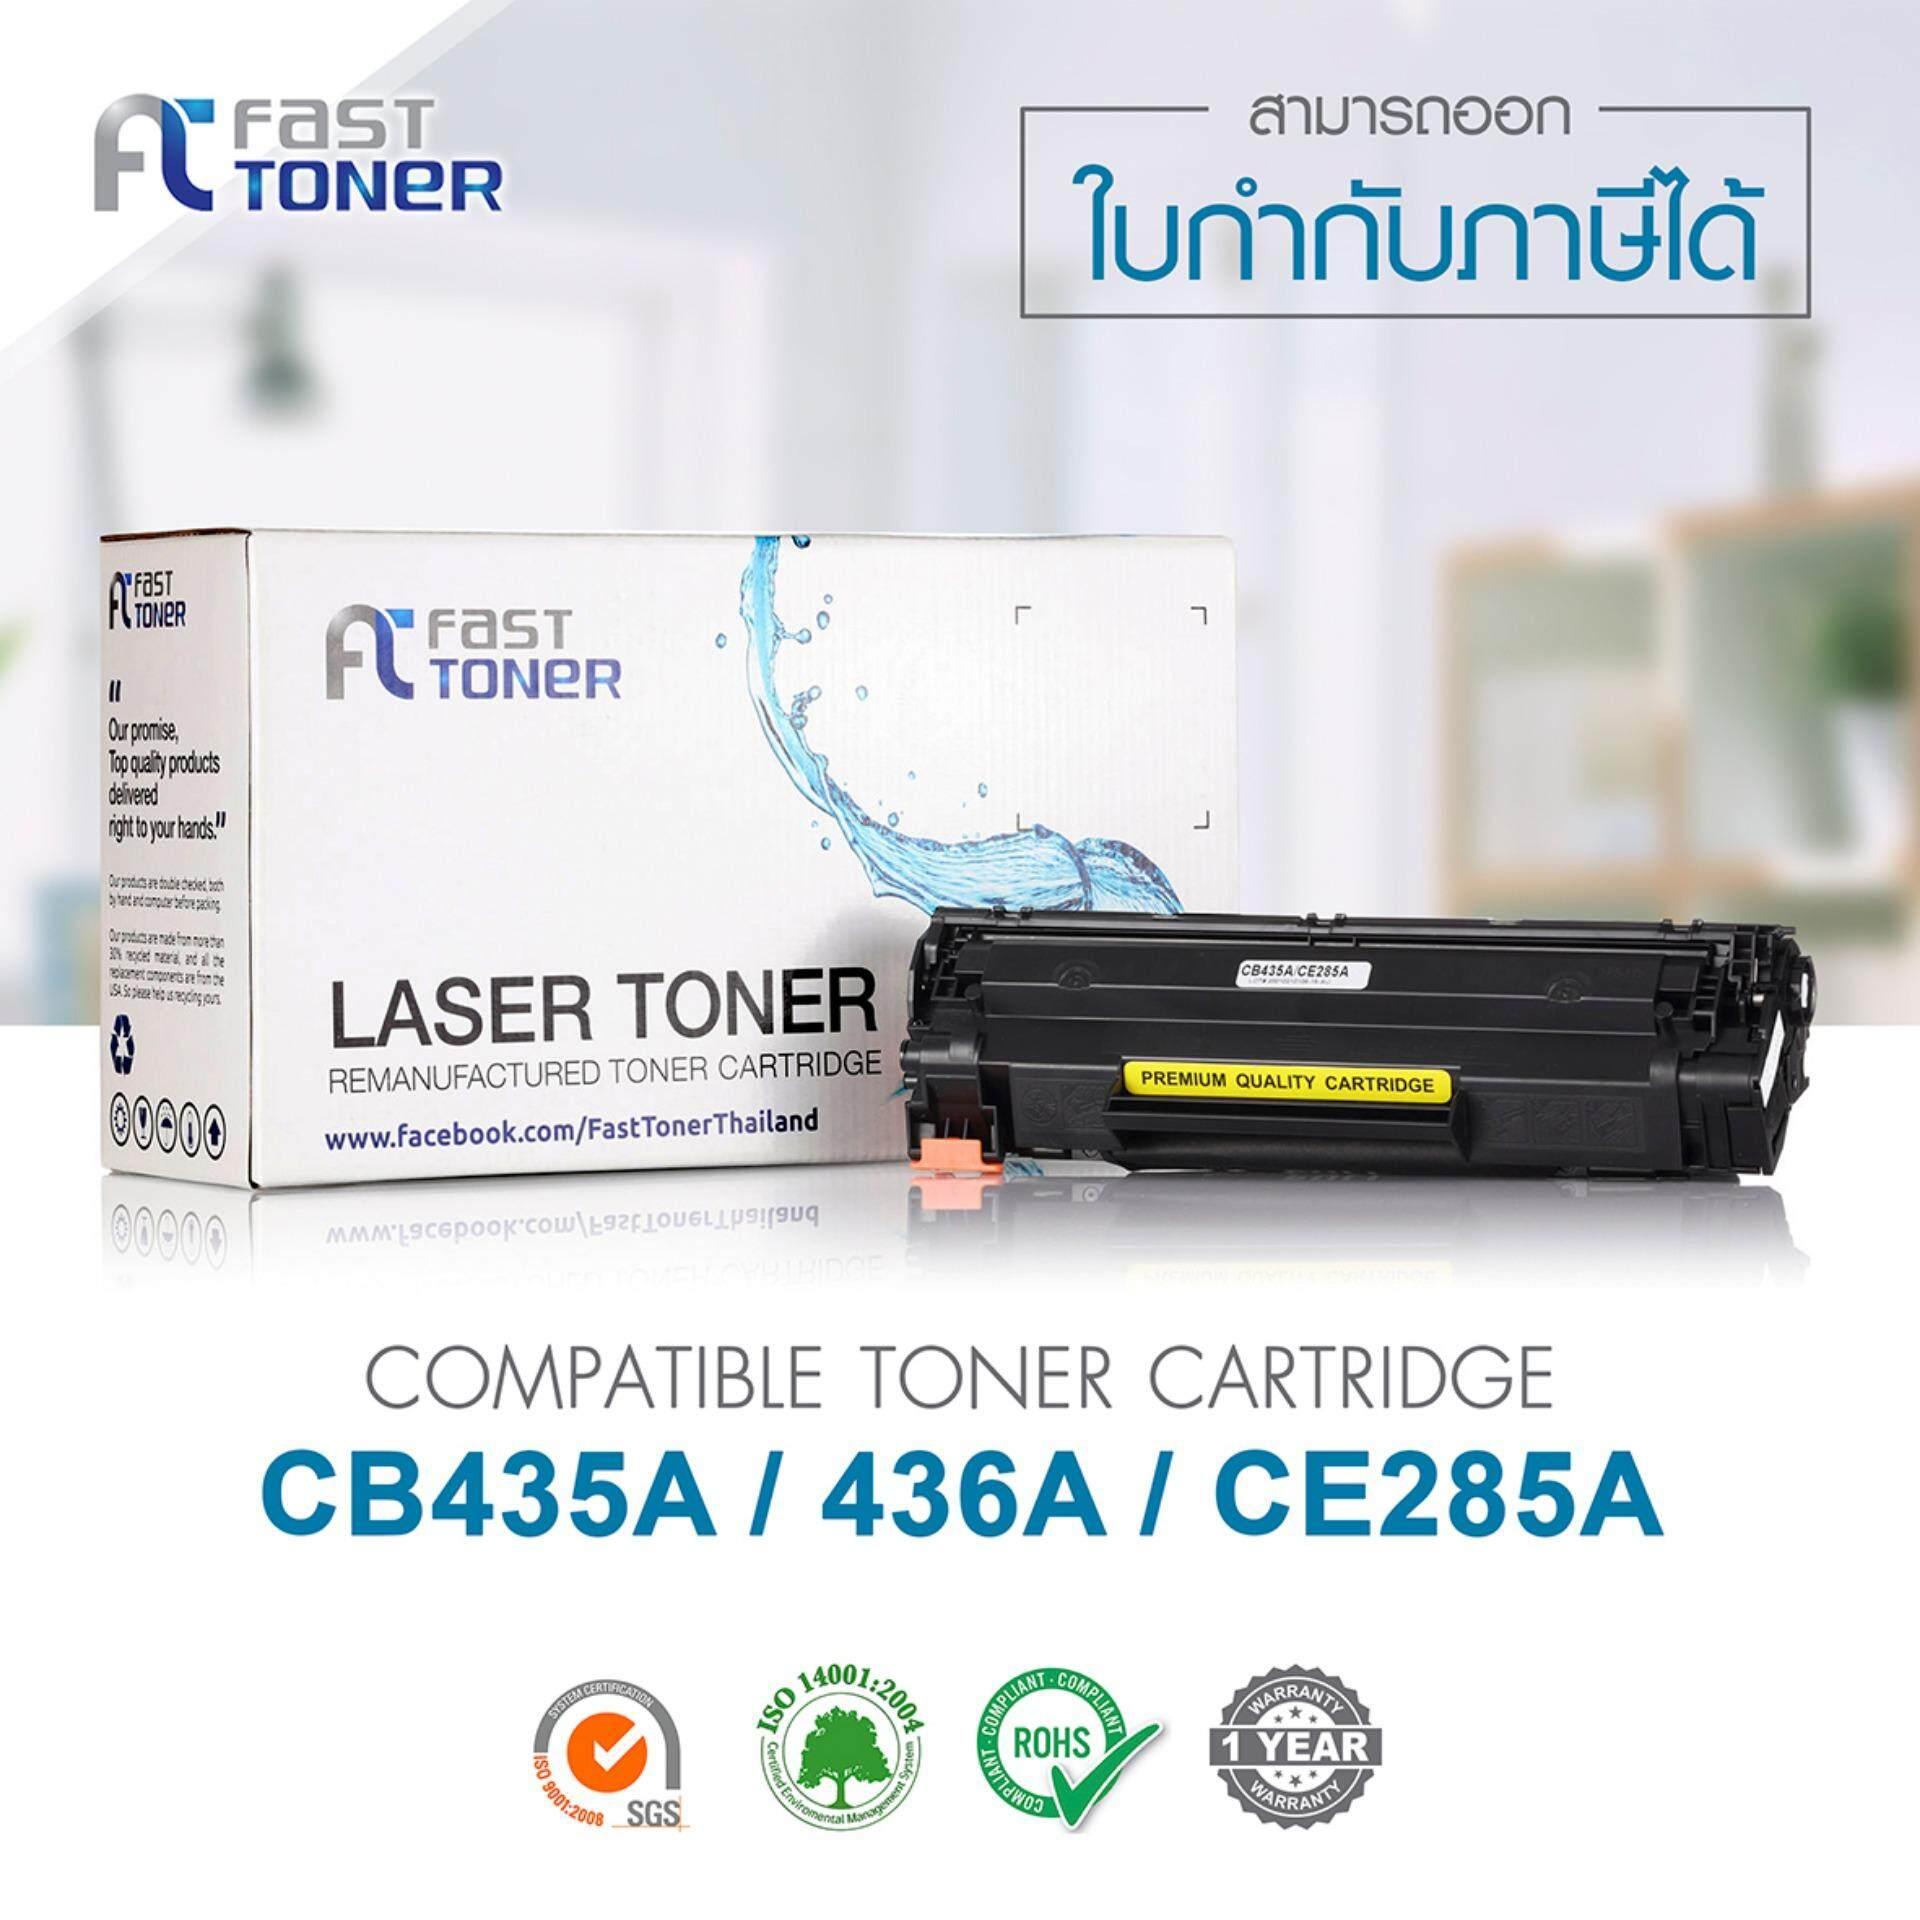 ซื้อ Fast Toner สำหรับรุ่น Hp Cb435A Cb436A Ce285A สำหรับเครื่องปริ้น Hp Laserjet Pro P1102 P1102W M1130 M1132 M1212Nf M1217Nfw Canon Laser Shot Lbp6000 6018 ออนไลน์ กรุงเทพมหานคร